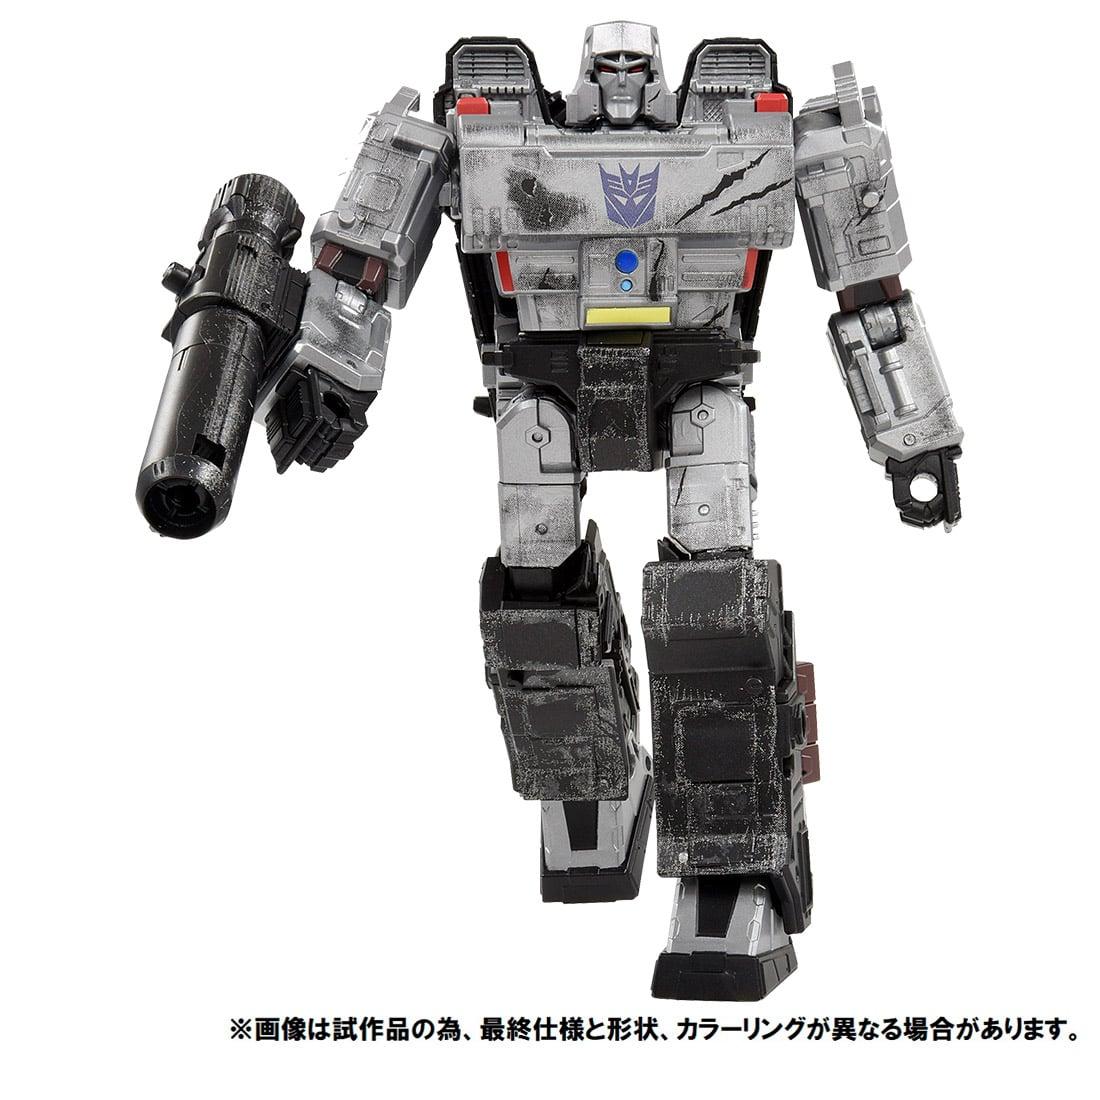 トランスフォーマー プレミアムフィニッシュ『PF WFC-02 メガトロン』可変可動フィギュア-004